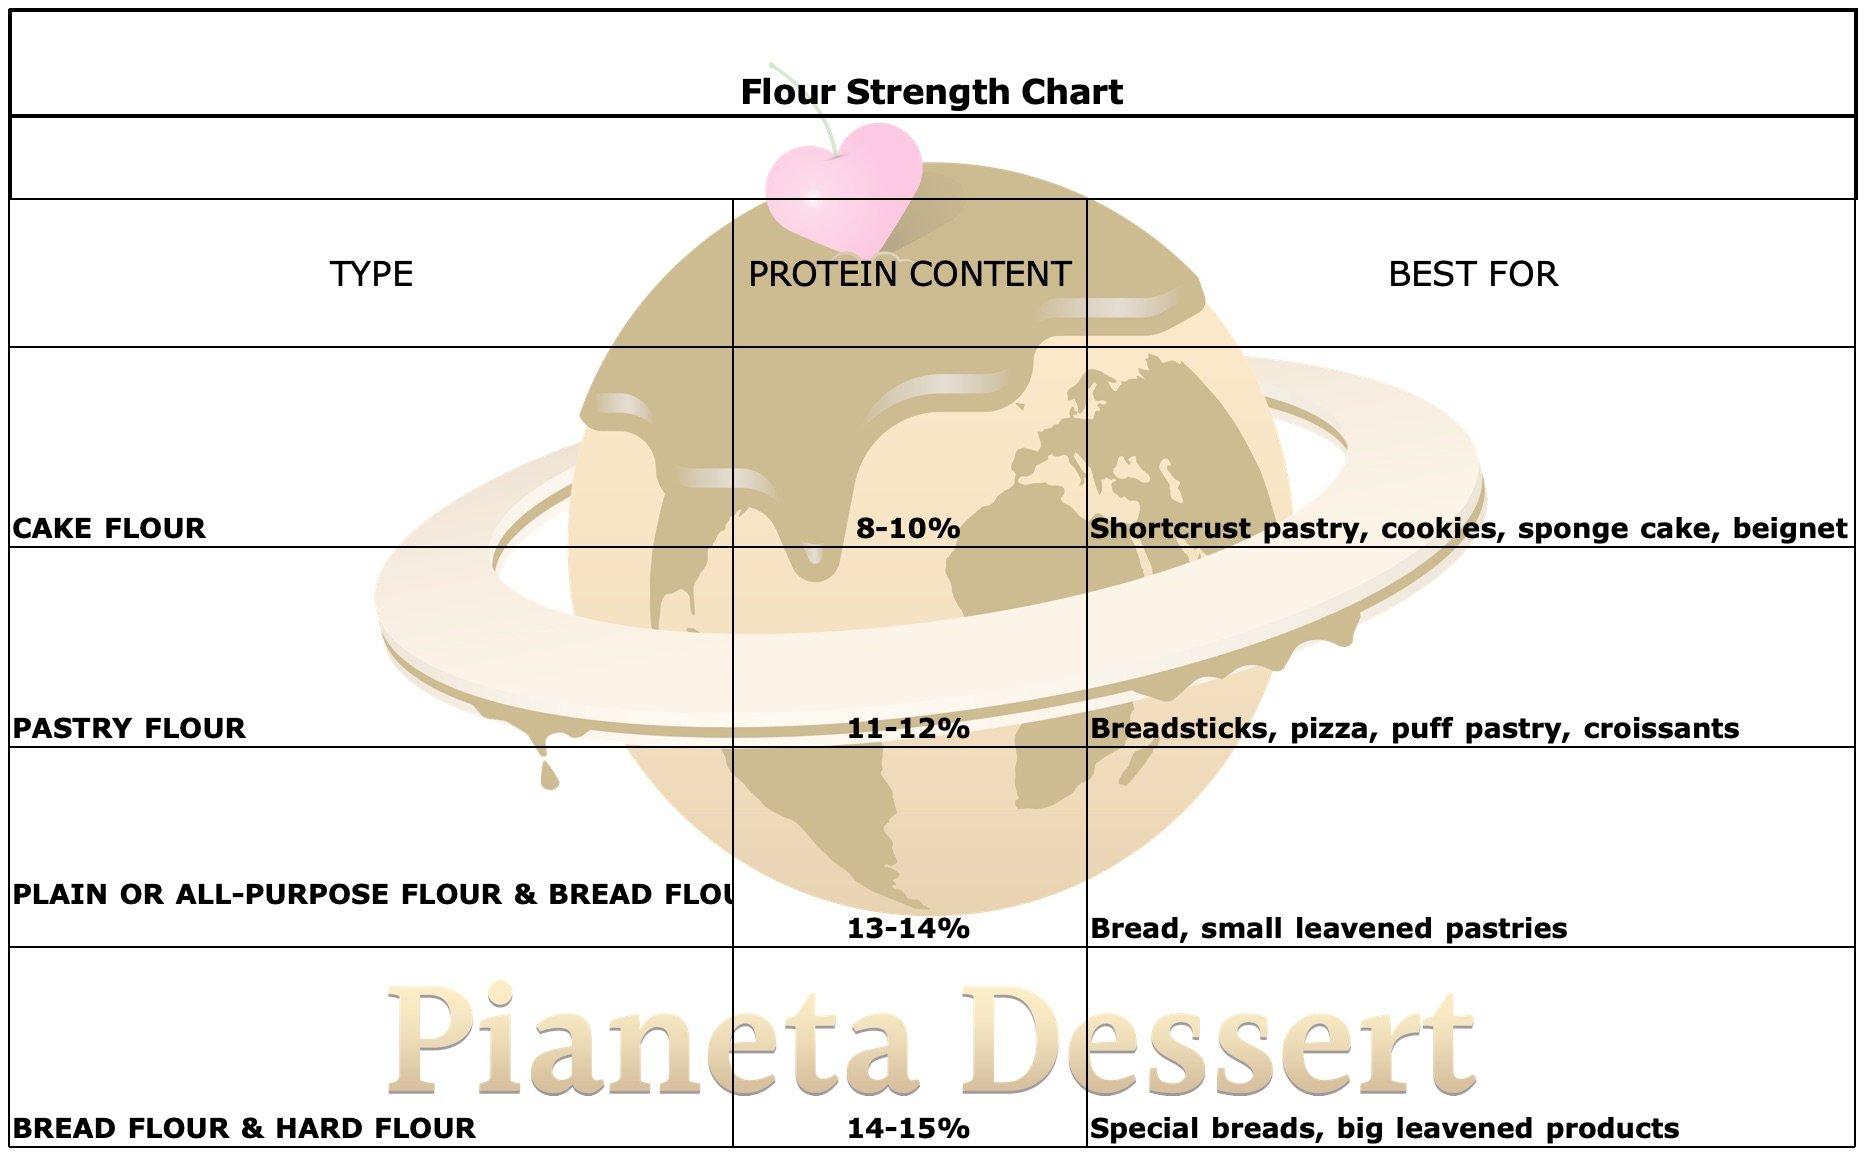 Flour Strength Chart